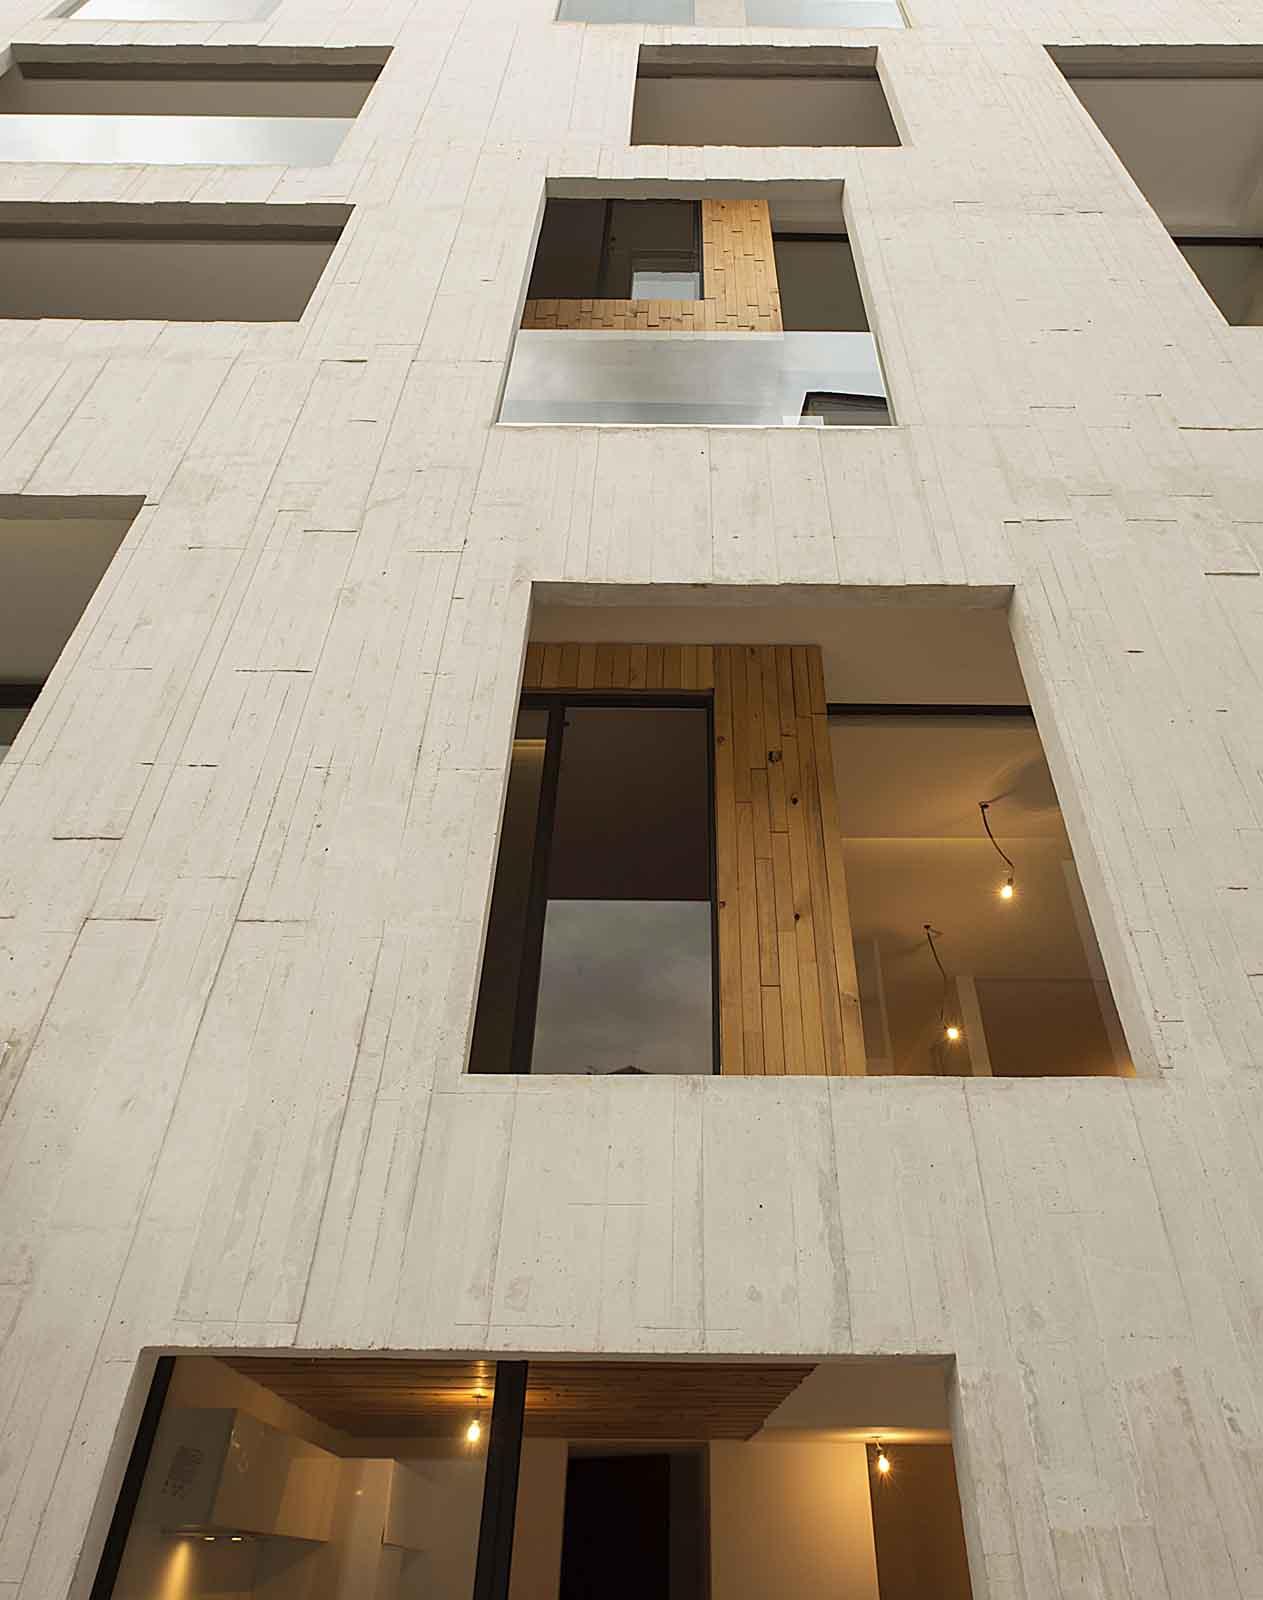 insignias-interiorismo-arquitectura-jsa-2